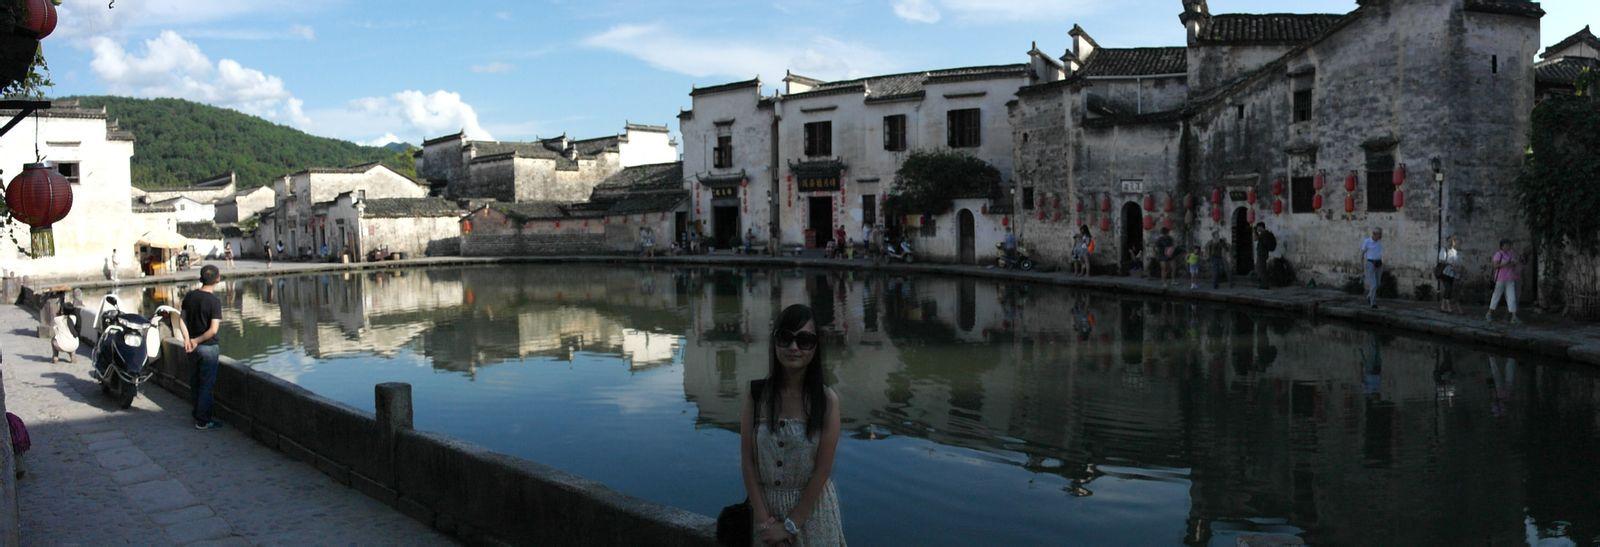 安徽_旅行画册旅行图片_百度旅游